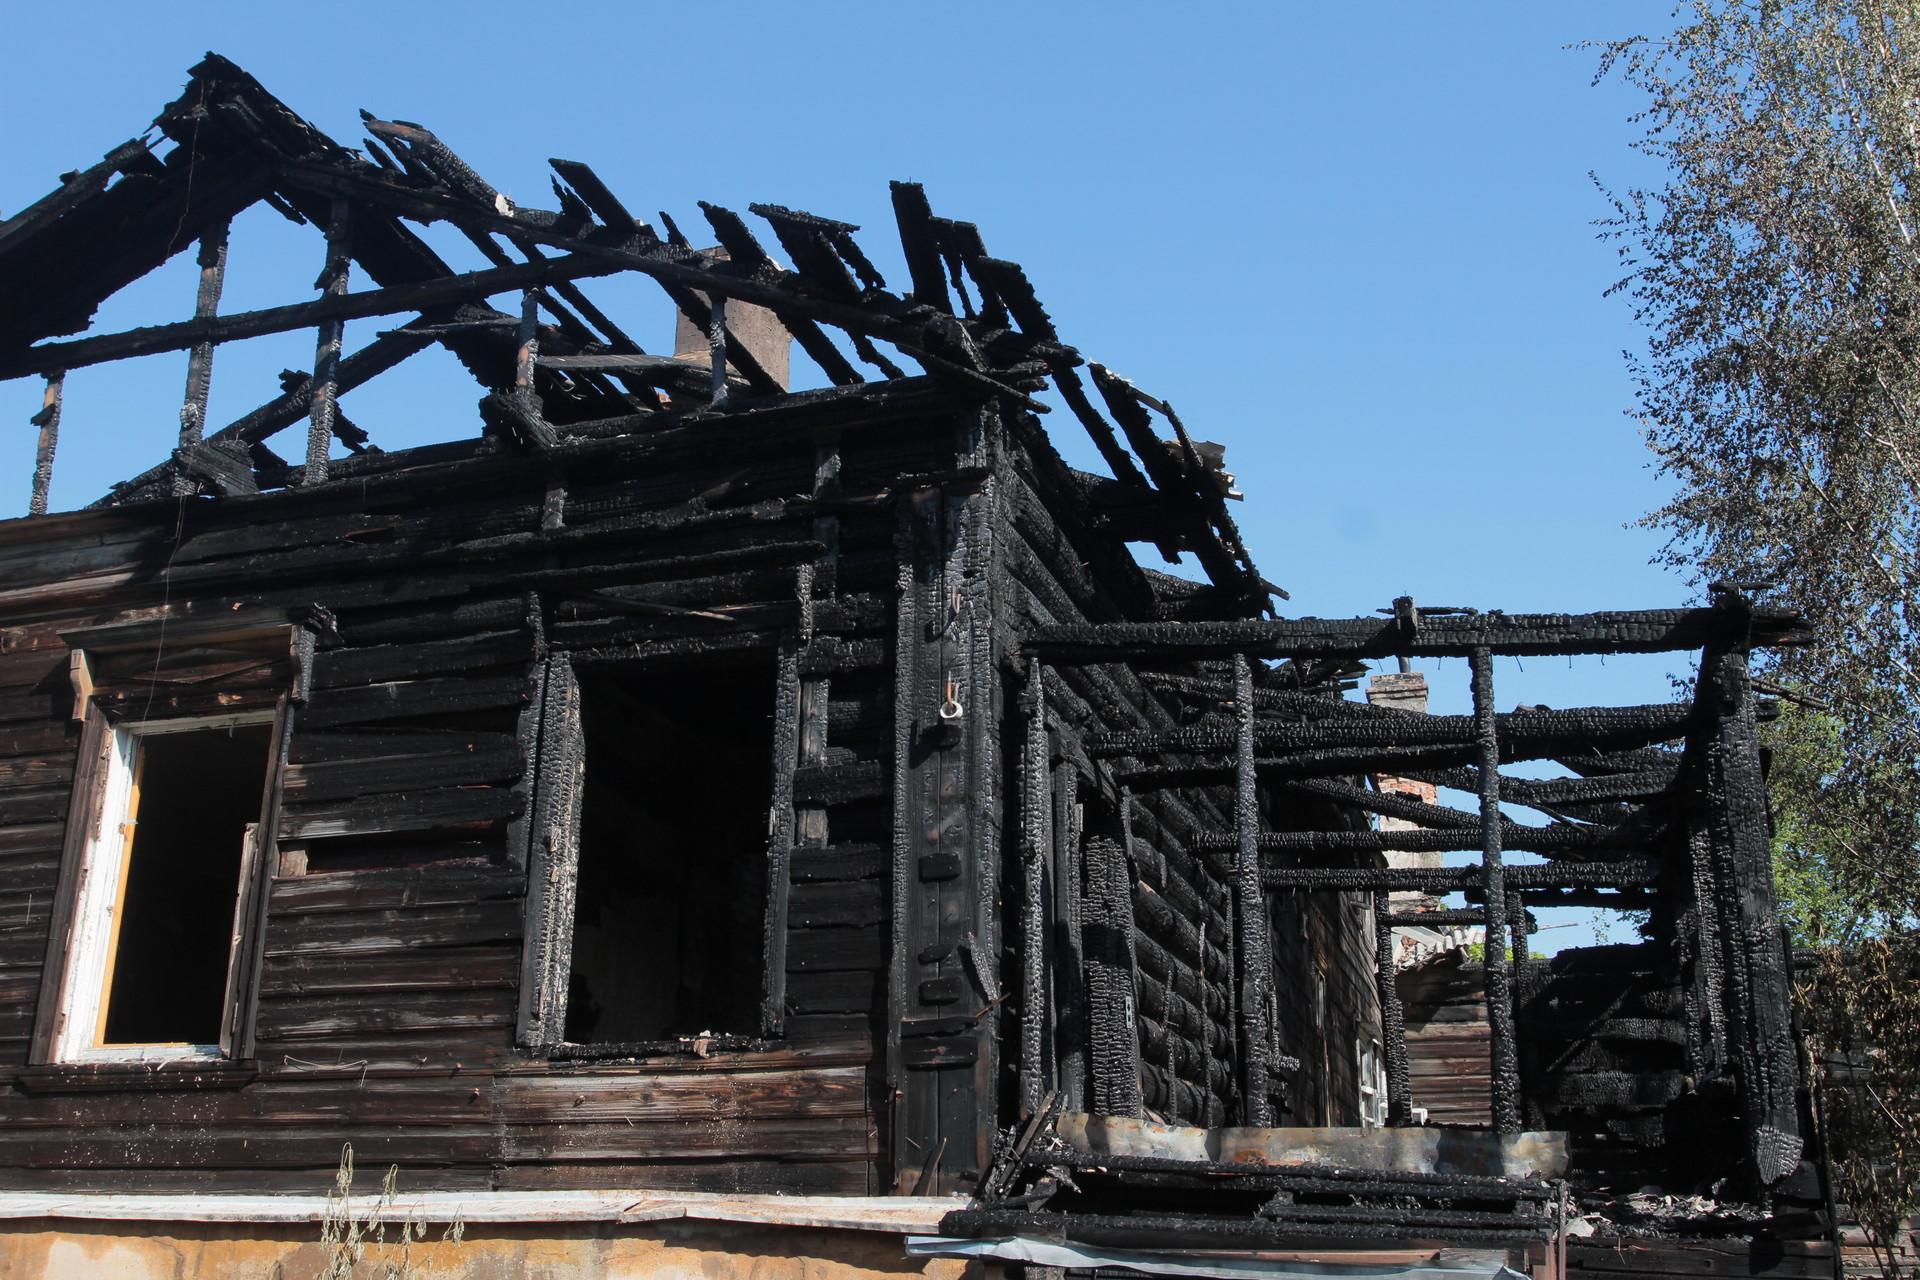 Трое детей пострадали на пожарах в Псковской области. Фото Андрея Степанова.